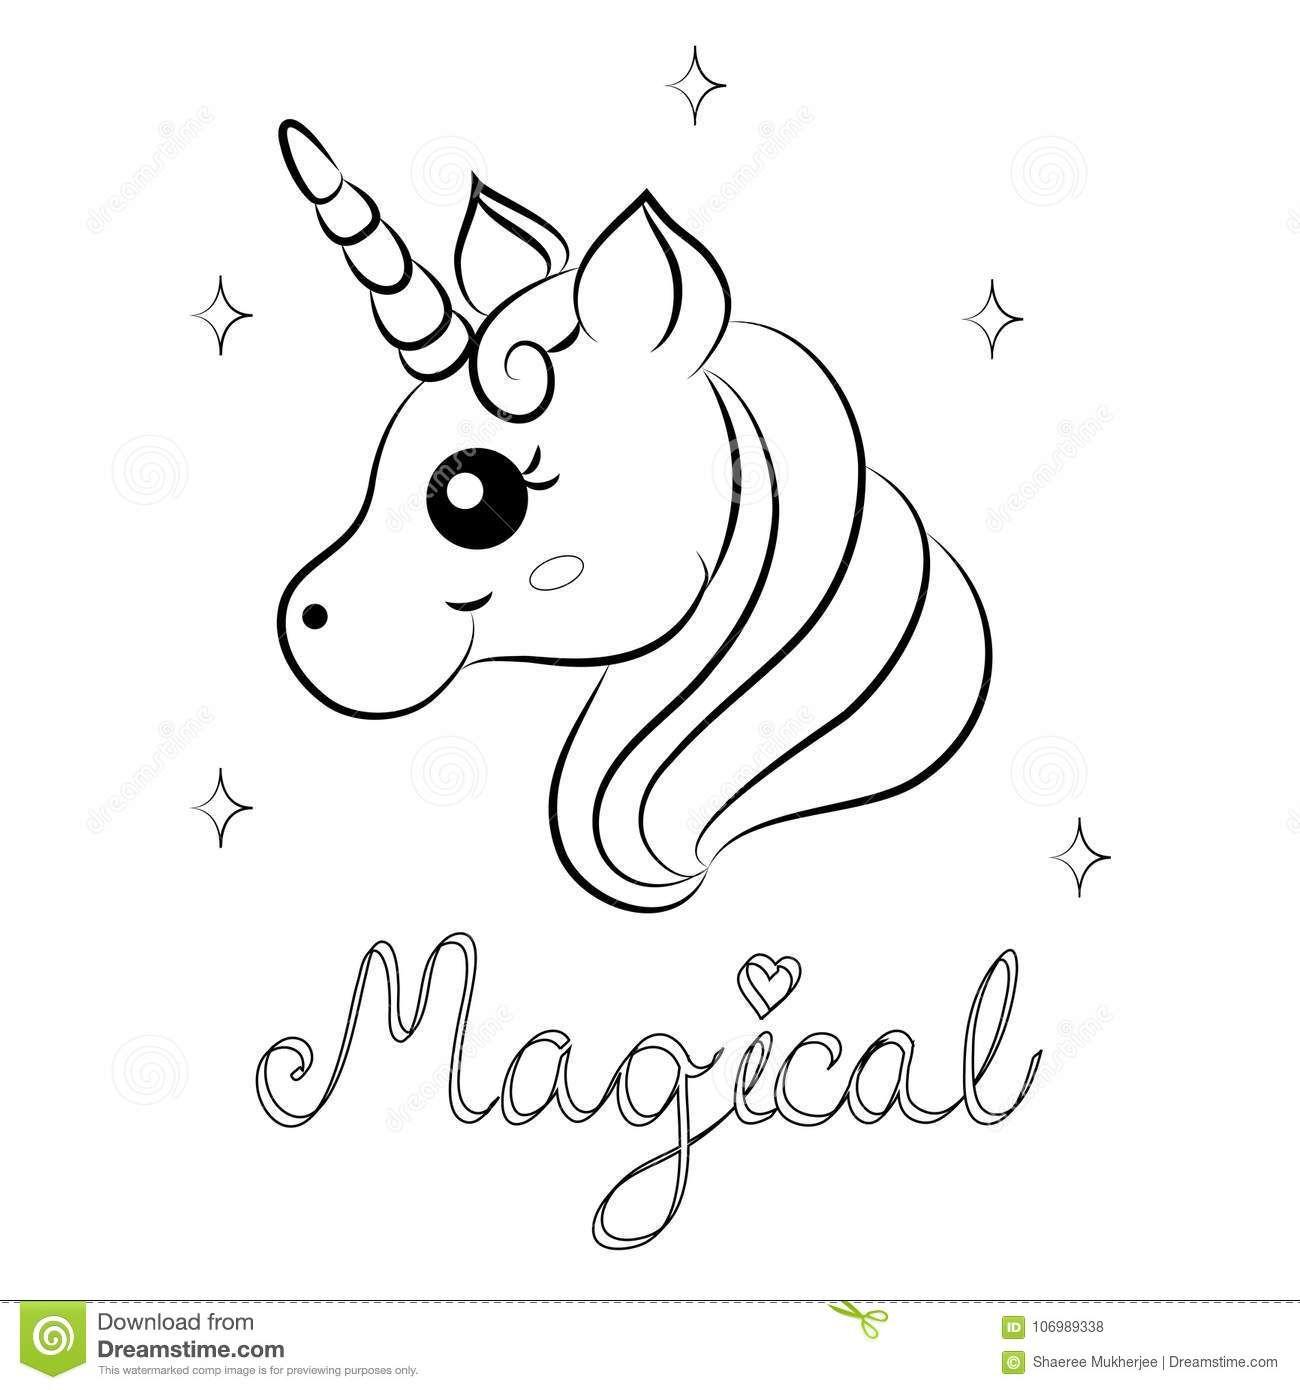 Los Mas Lindos Dibujos De Unicornios Para Colorear Y Pintar A Todo Color Imagenes P Paginas Para Colorear De Animales Unicornio Colorear Dibujos De Unicornios